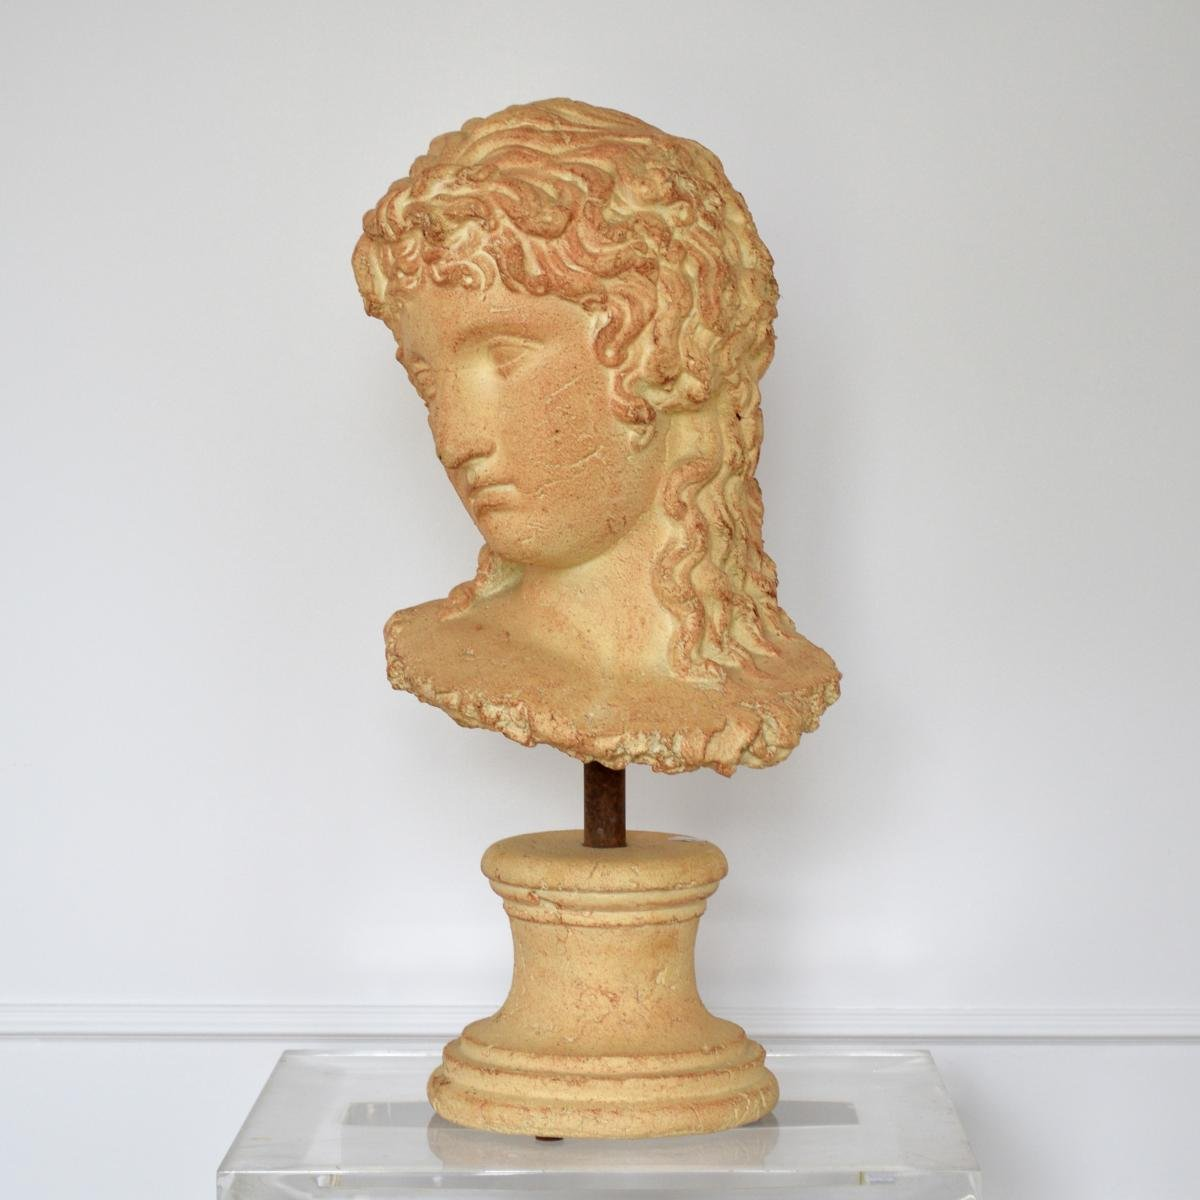 Grande Sculpture Tête de Femme à l'Antique Terre cuite Par Michel Cayla